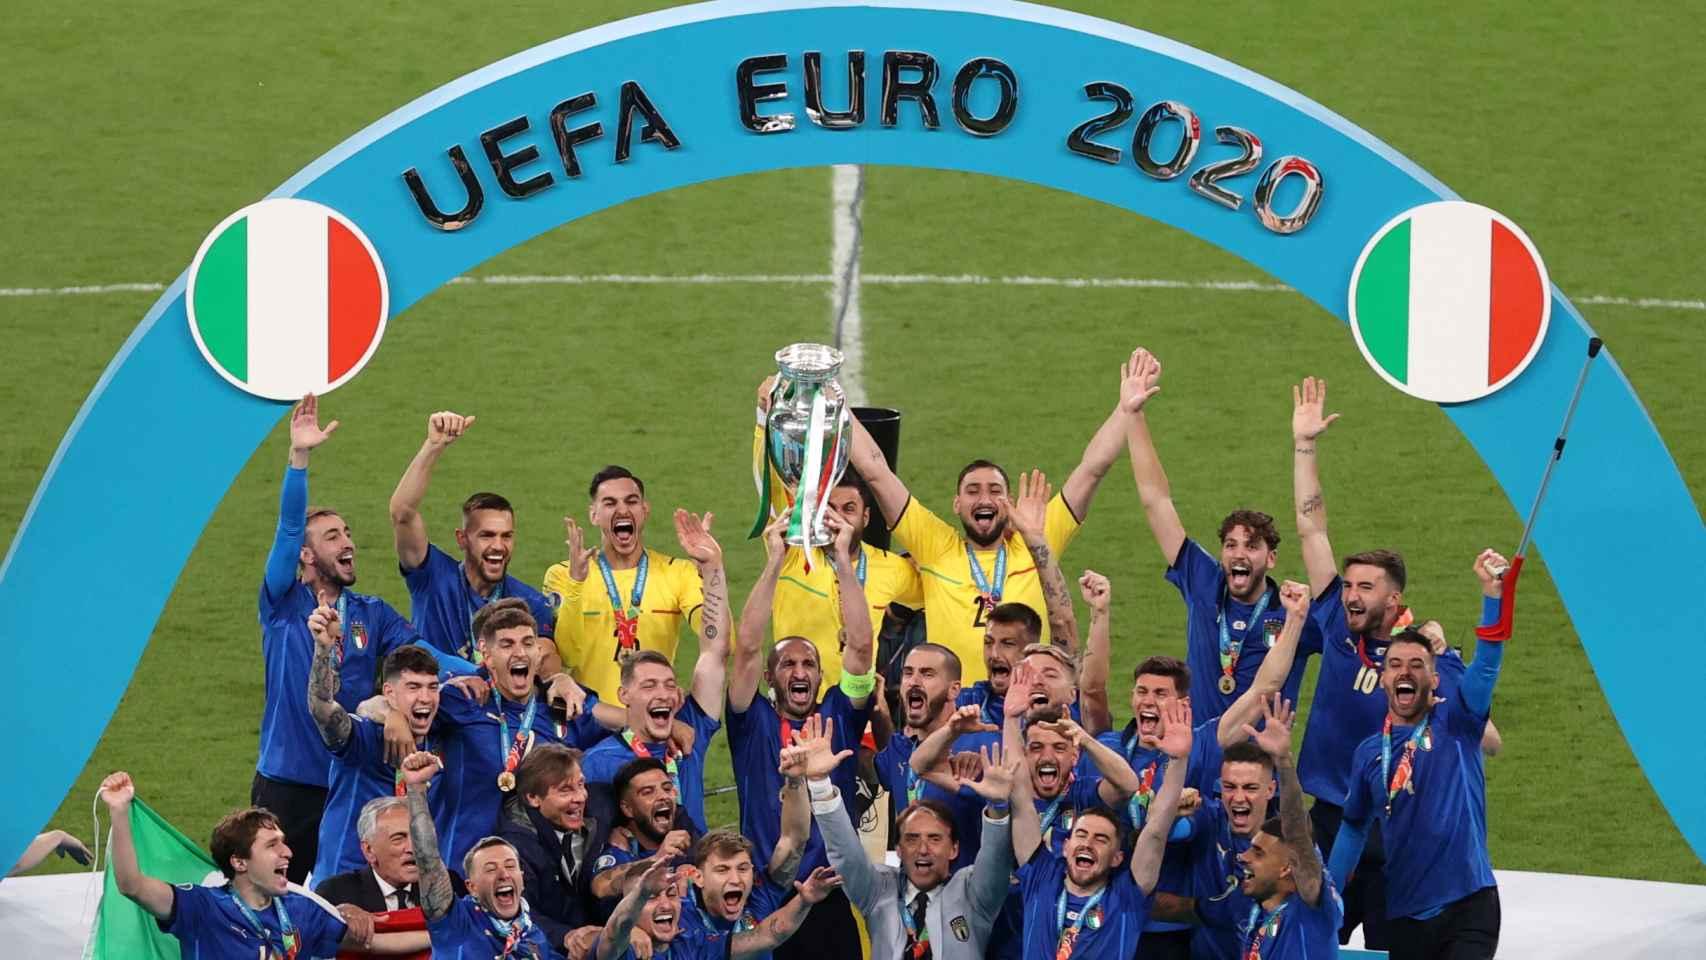 La celebración de Italia después de ganar la Eurocopa a Inglaterra